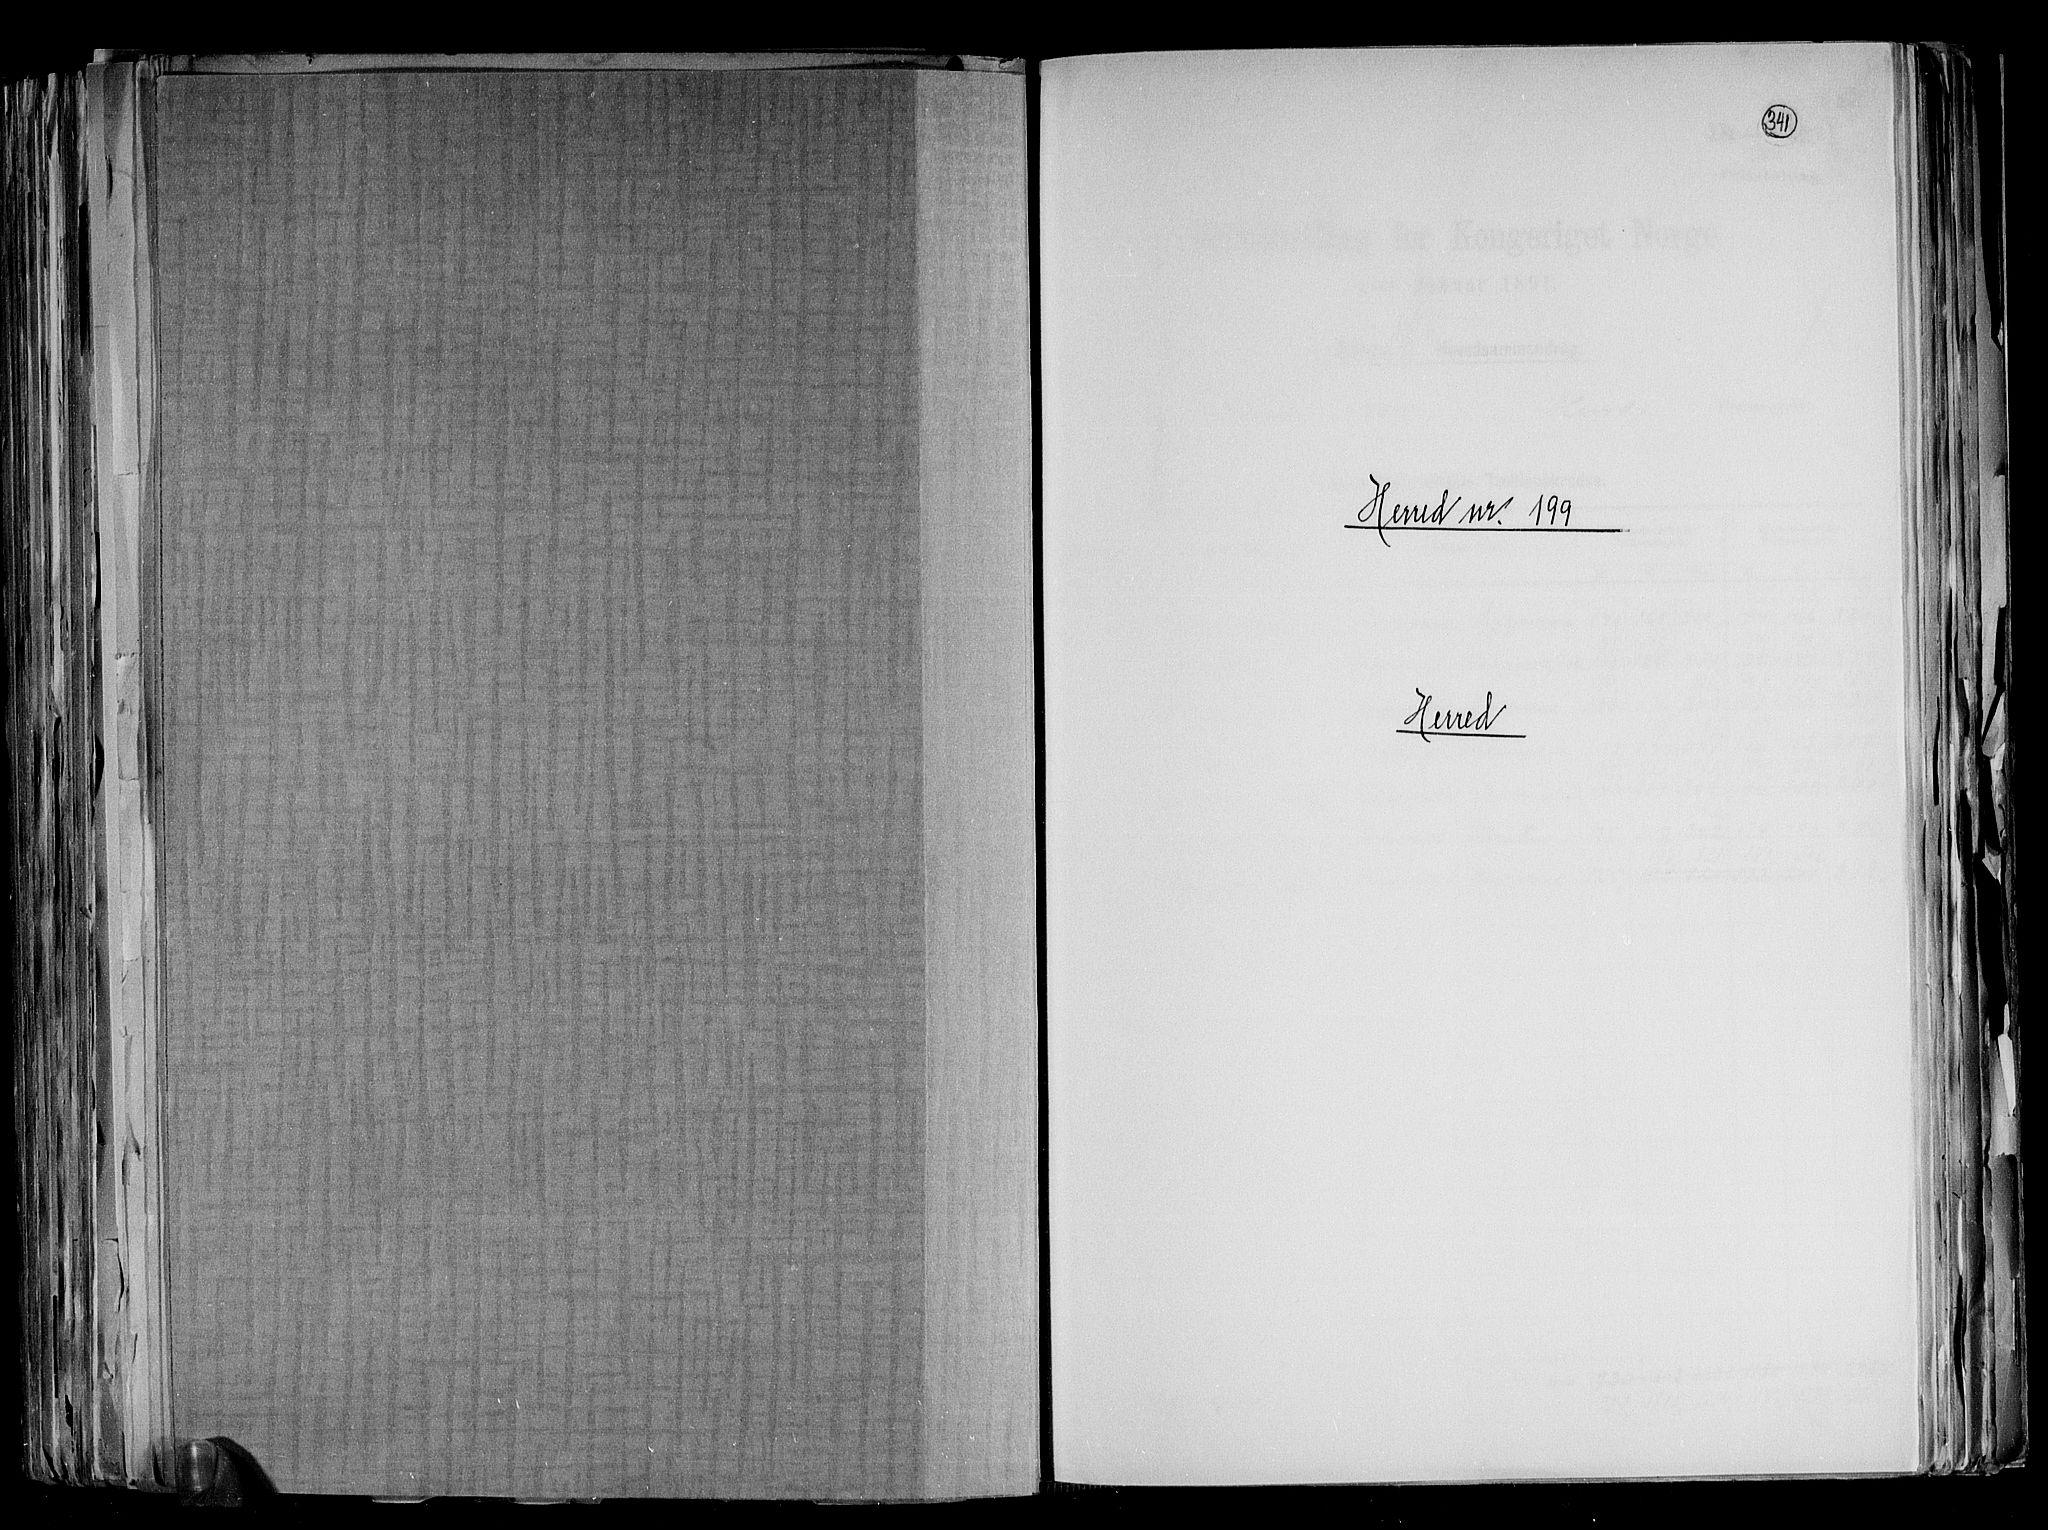 RA, Folketelling 1891 for 1039 Herad herred, 1891, s. 1